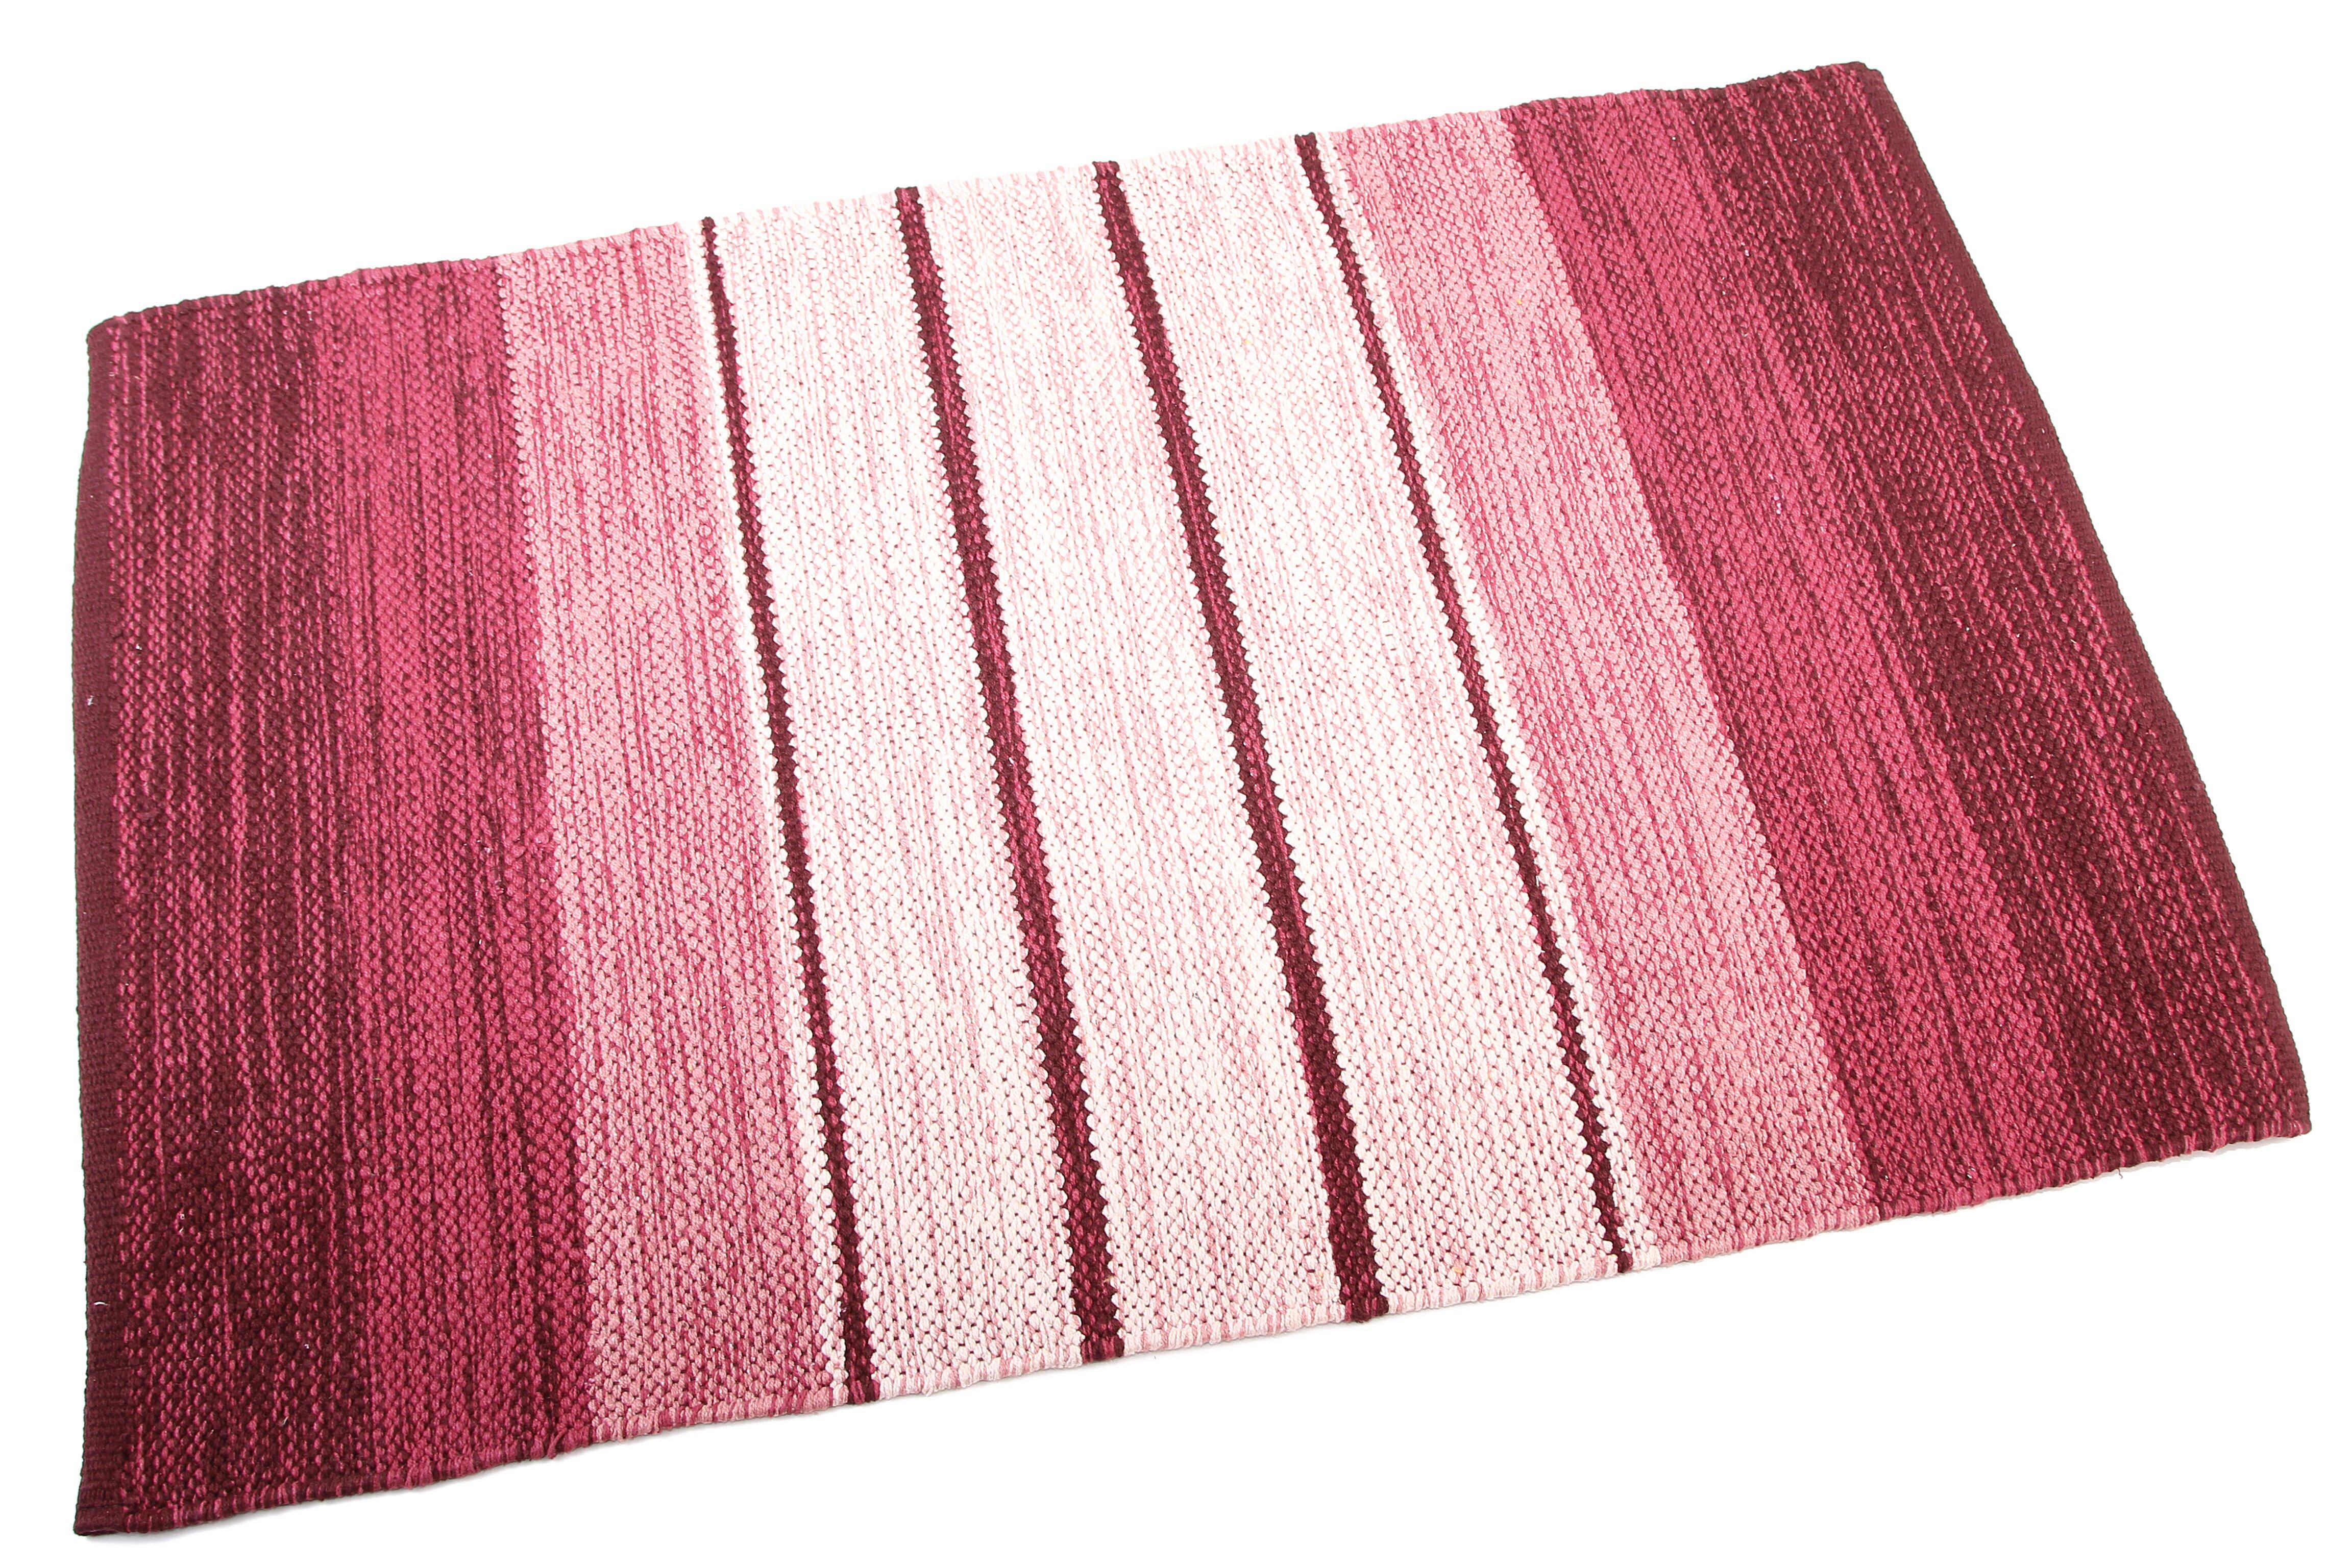 Купить Ковры и ковровые дорожки Ганг, Ковер Donough Цвет: Бордовый (60х150 см), Индия, Рогожка